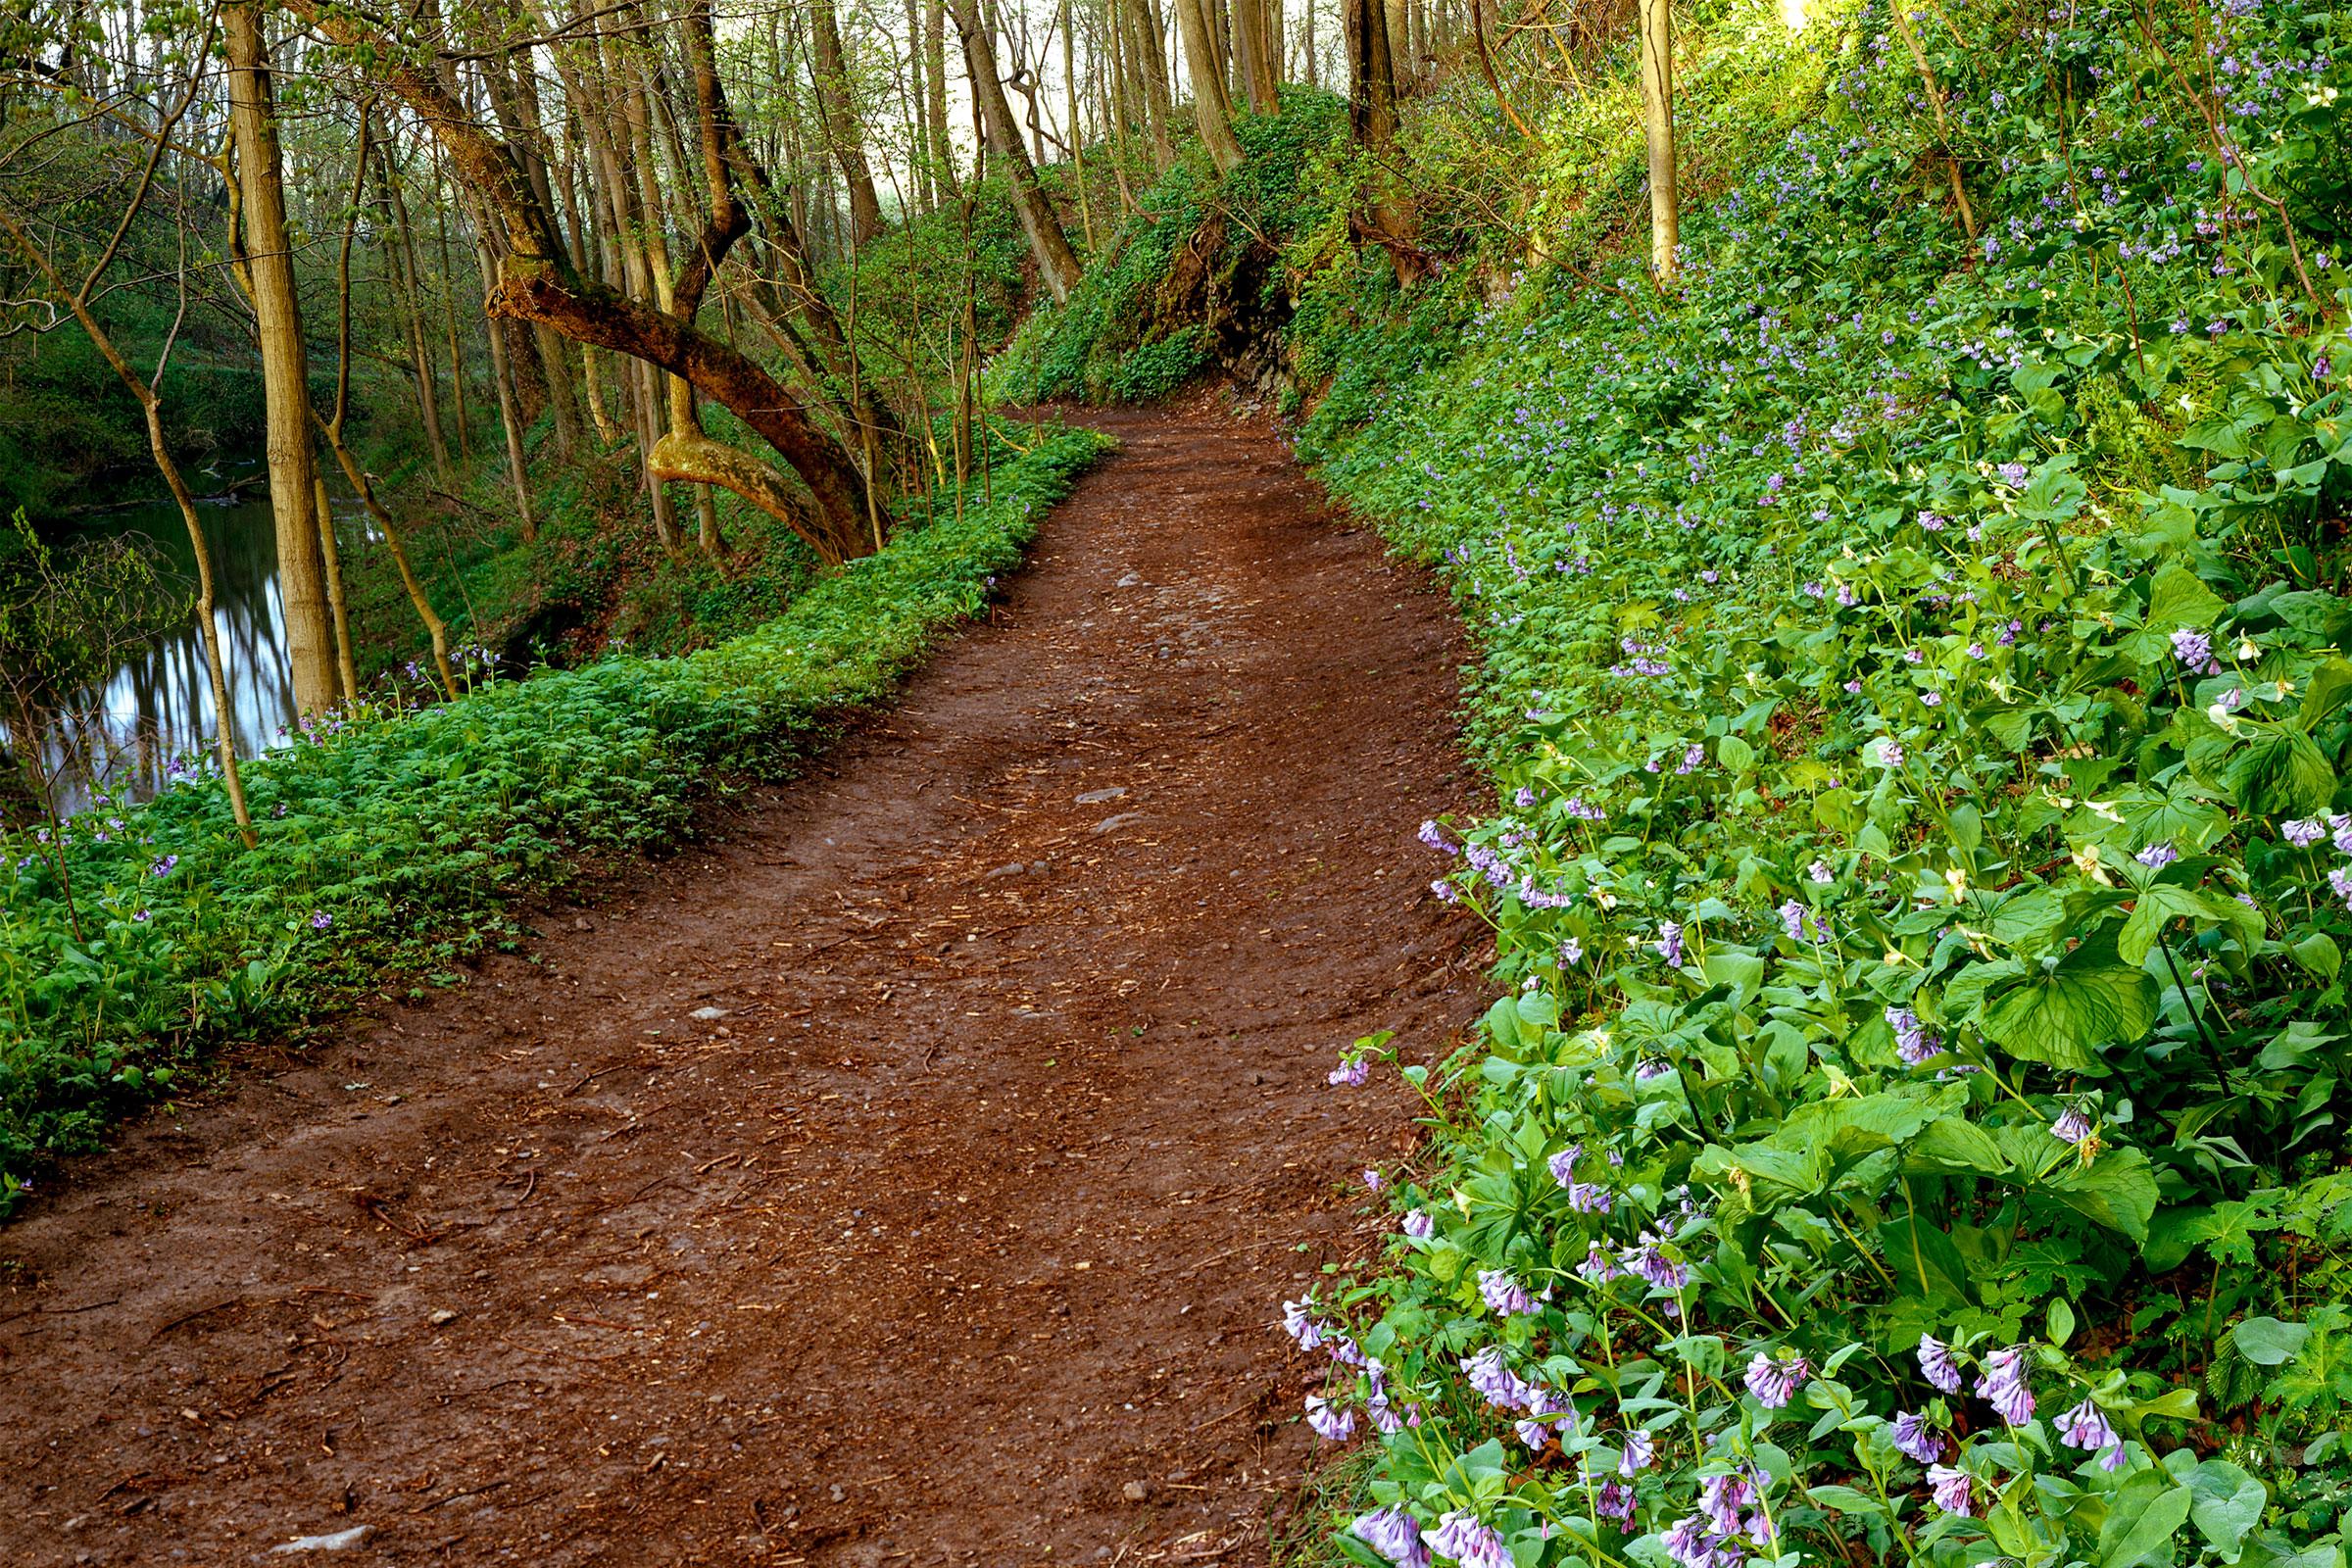 Shenks Ferry Wildflower Preserve. H. Mark Weidman/Alamy